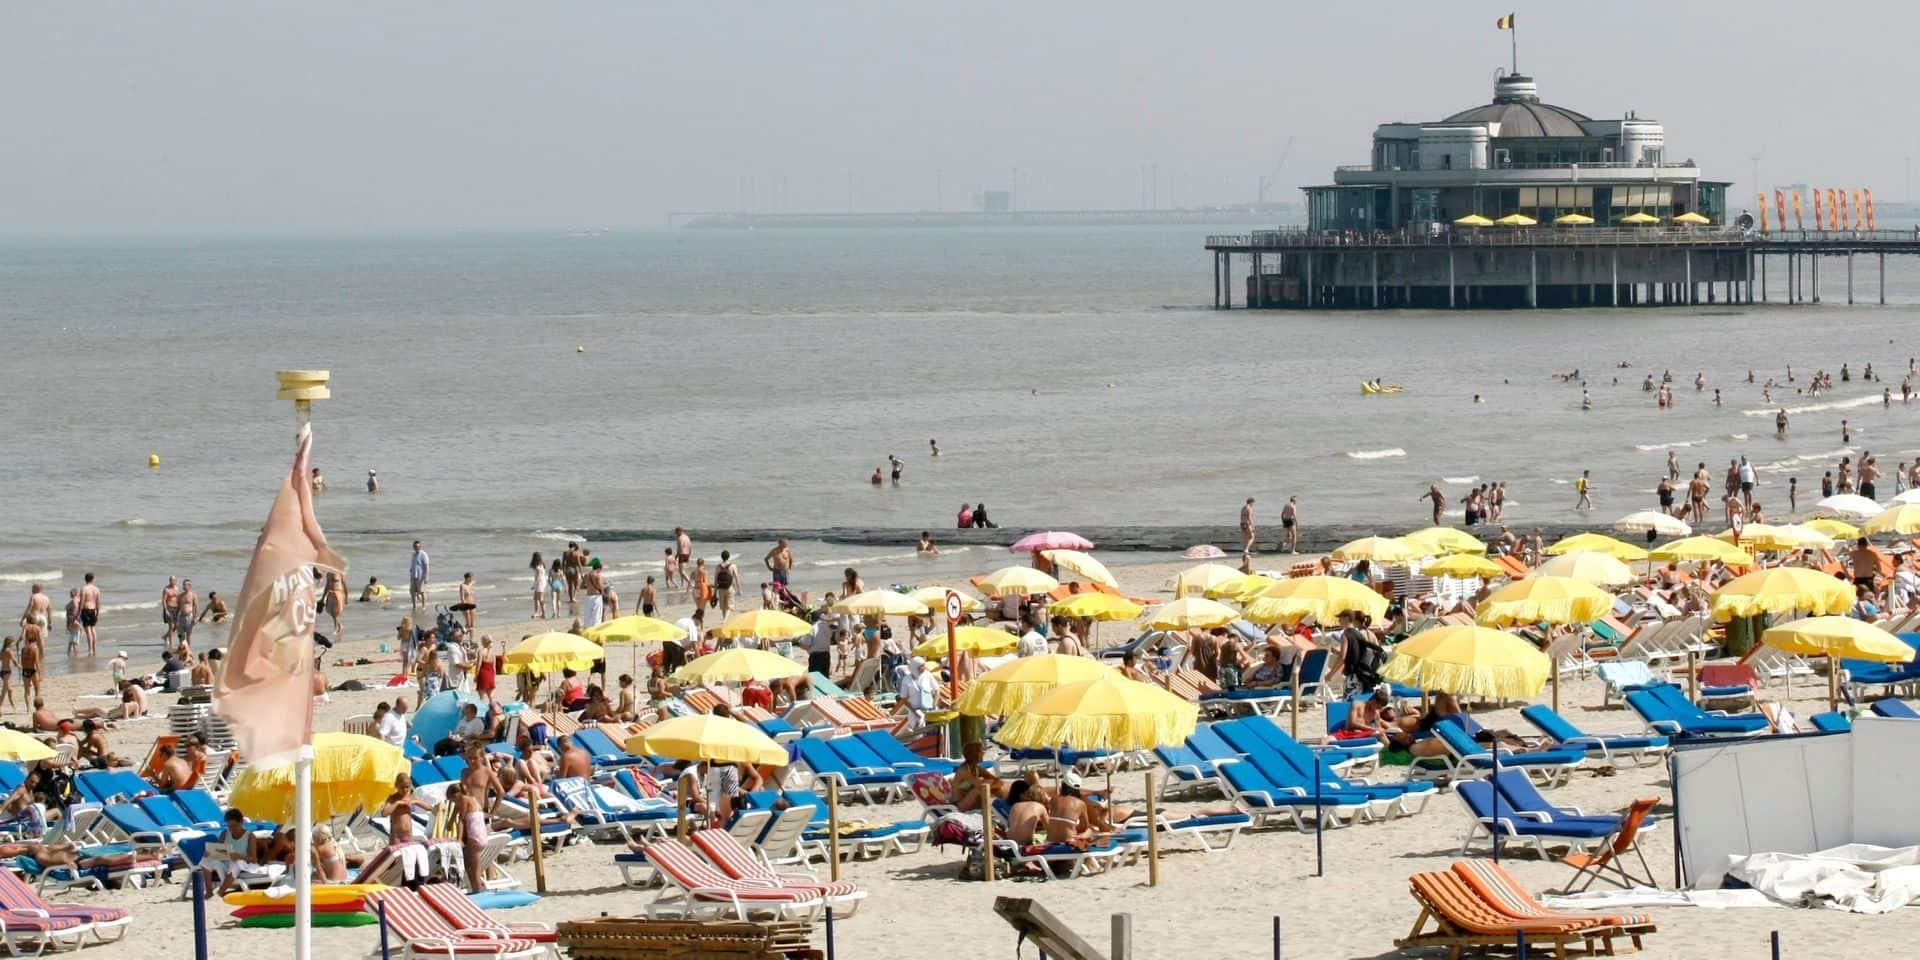 """Les bars de plage doivent prévoir un service à table: """"Je comprends que c'est compliqué mais nous devons mettre la santé publique au premier plan"""""""